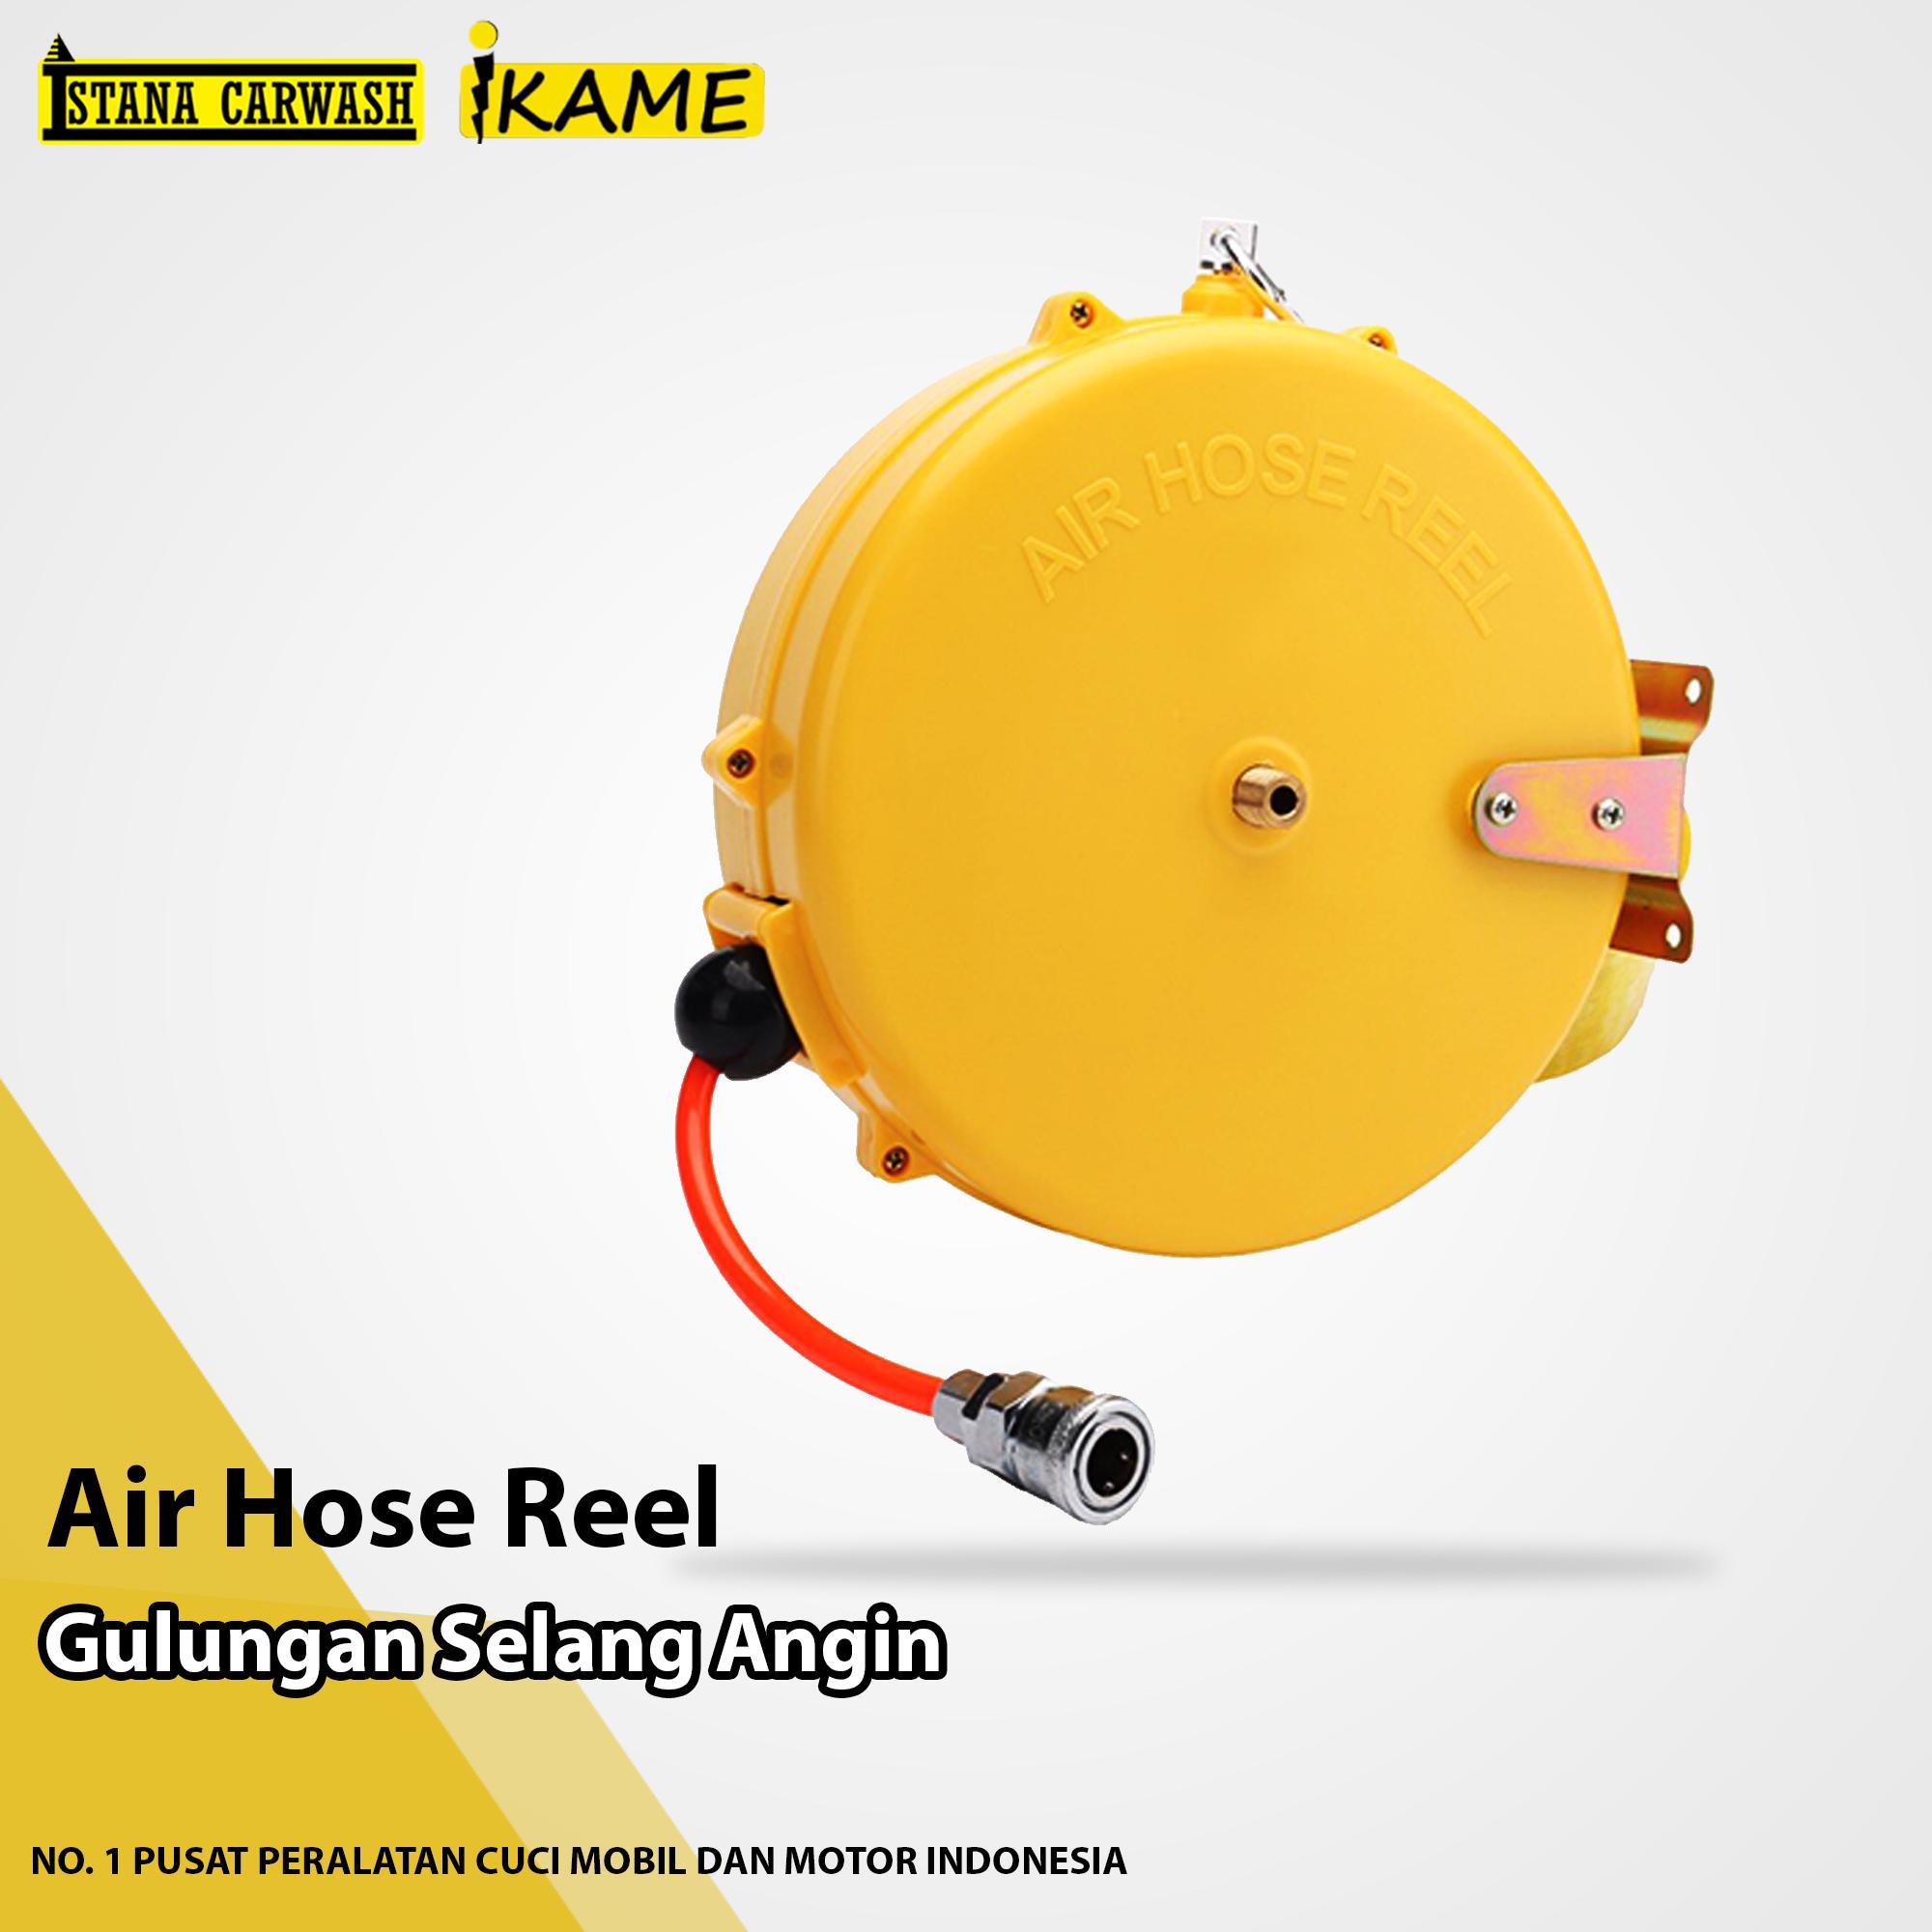 Air Hose Reel / Selang angin